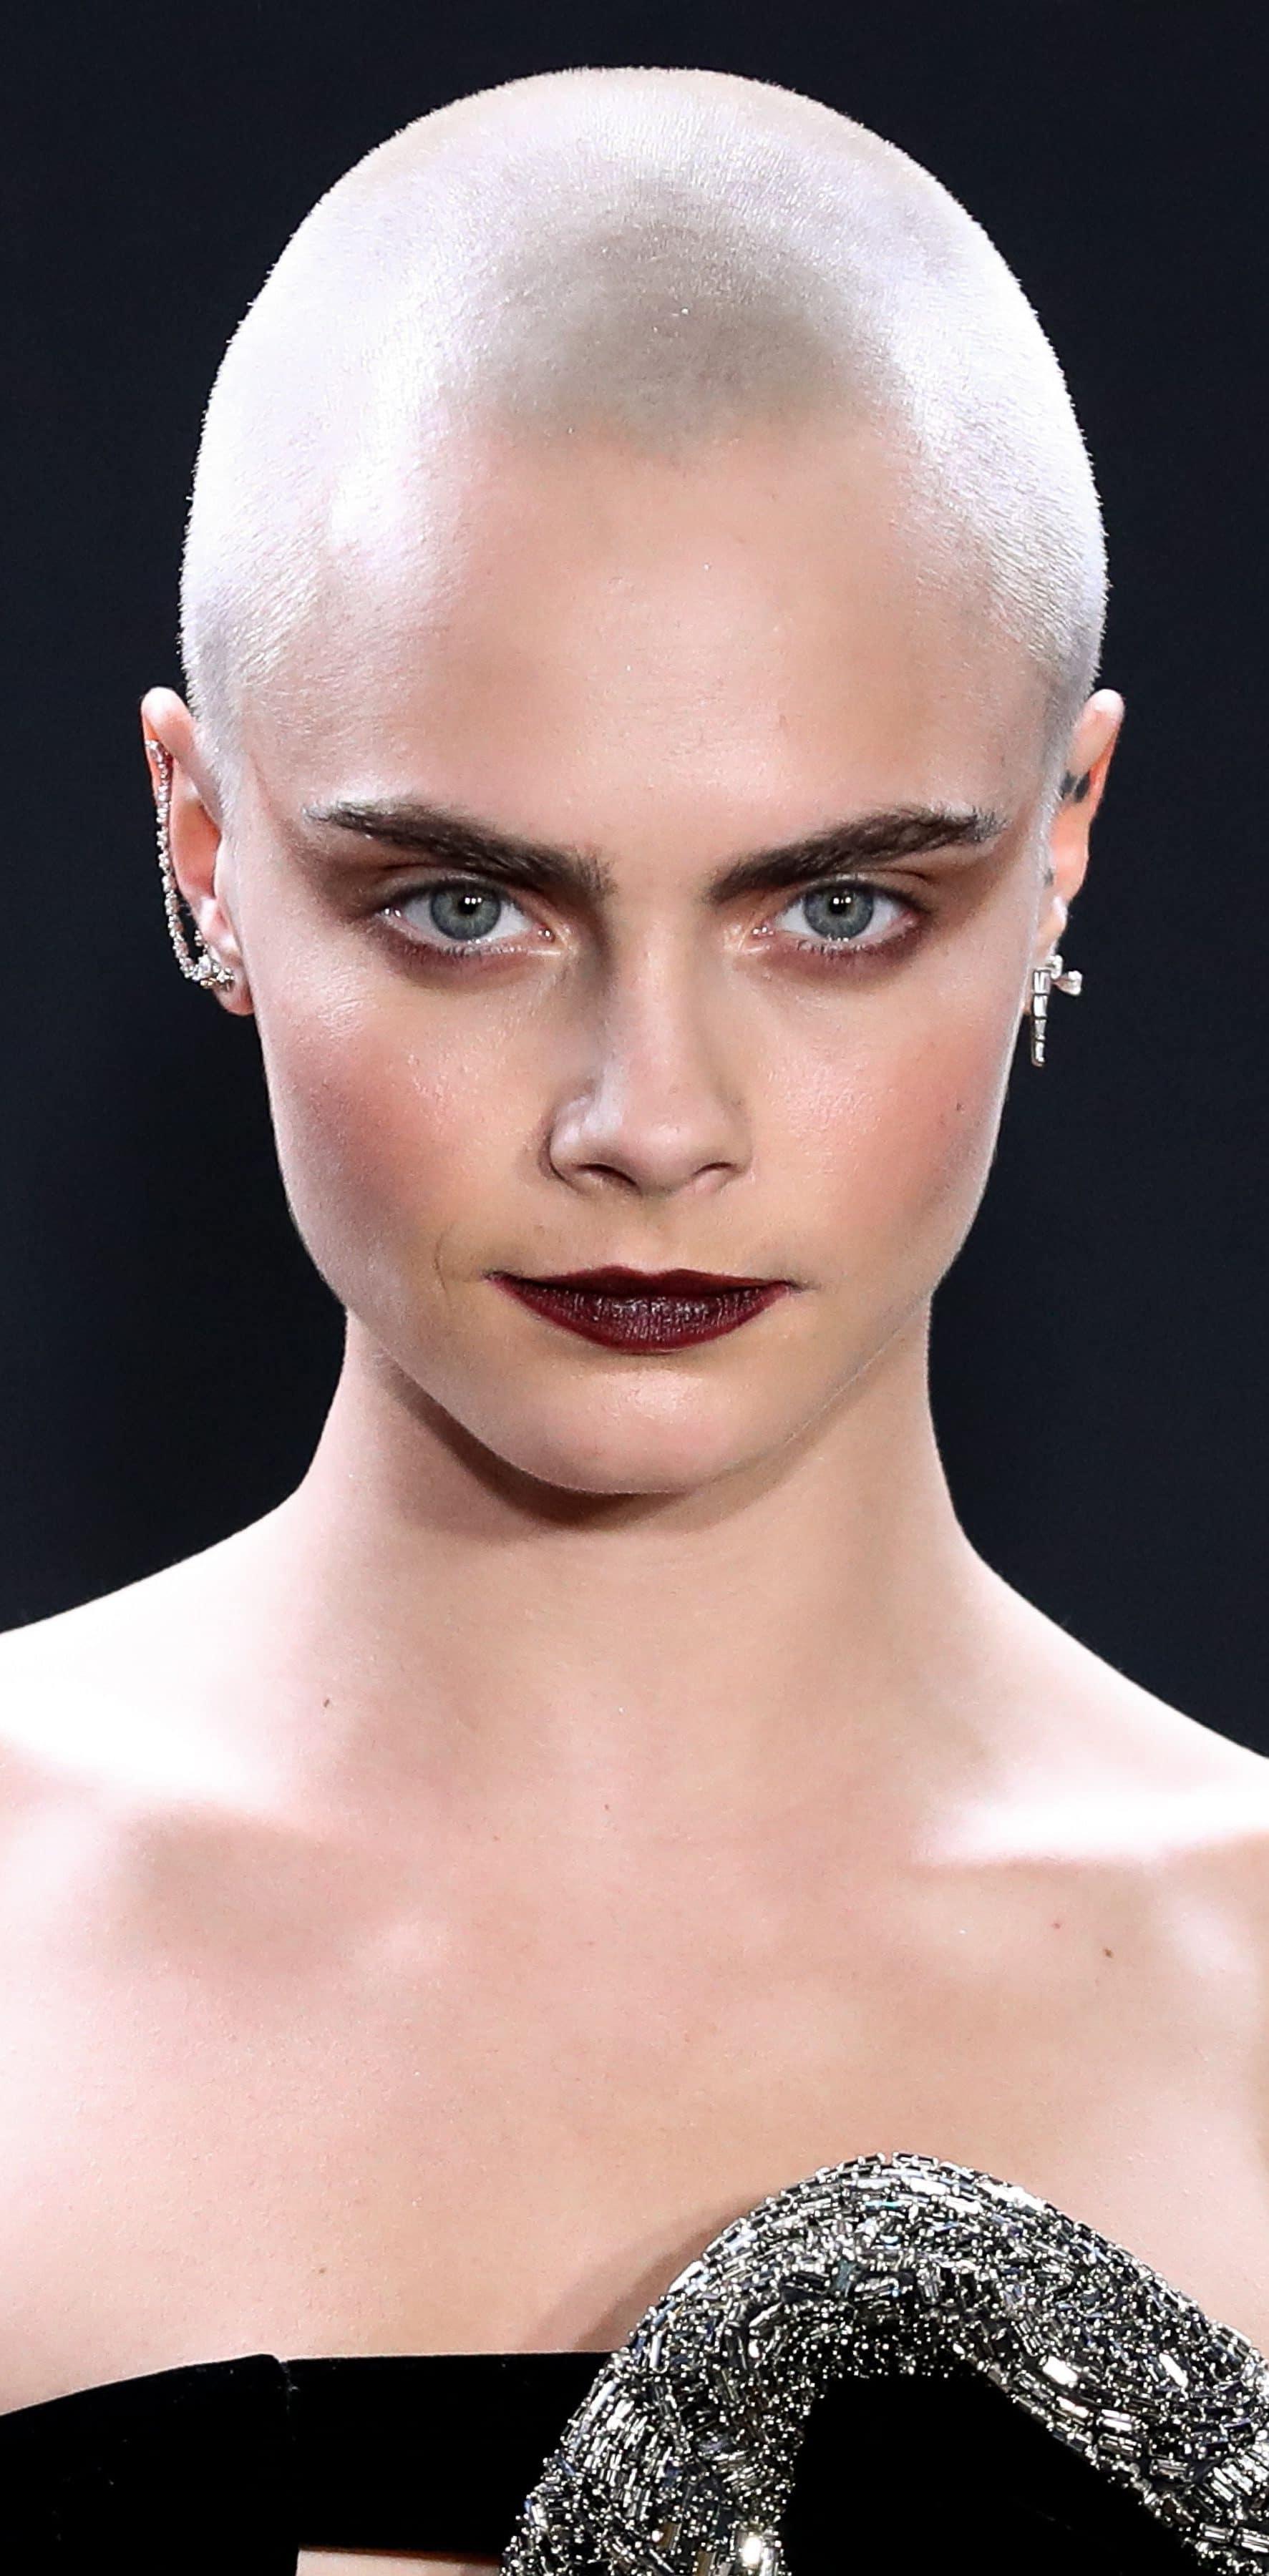 23 Cool Short Haircuts for Women for Killer Looks - Short Hair Models